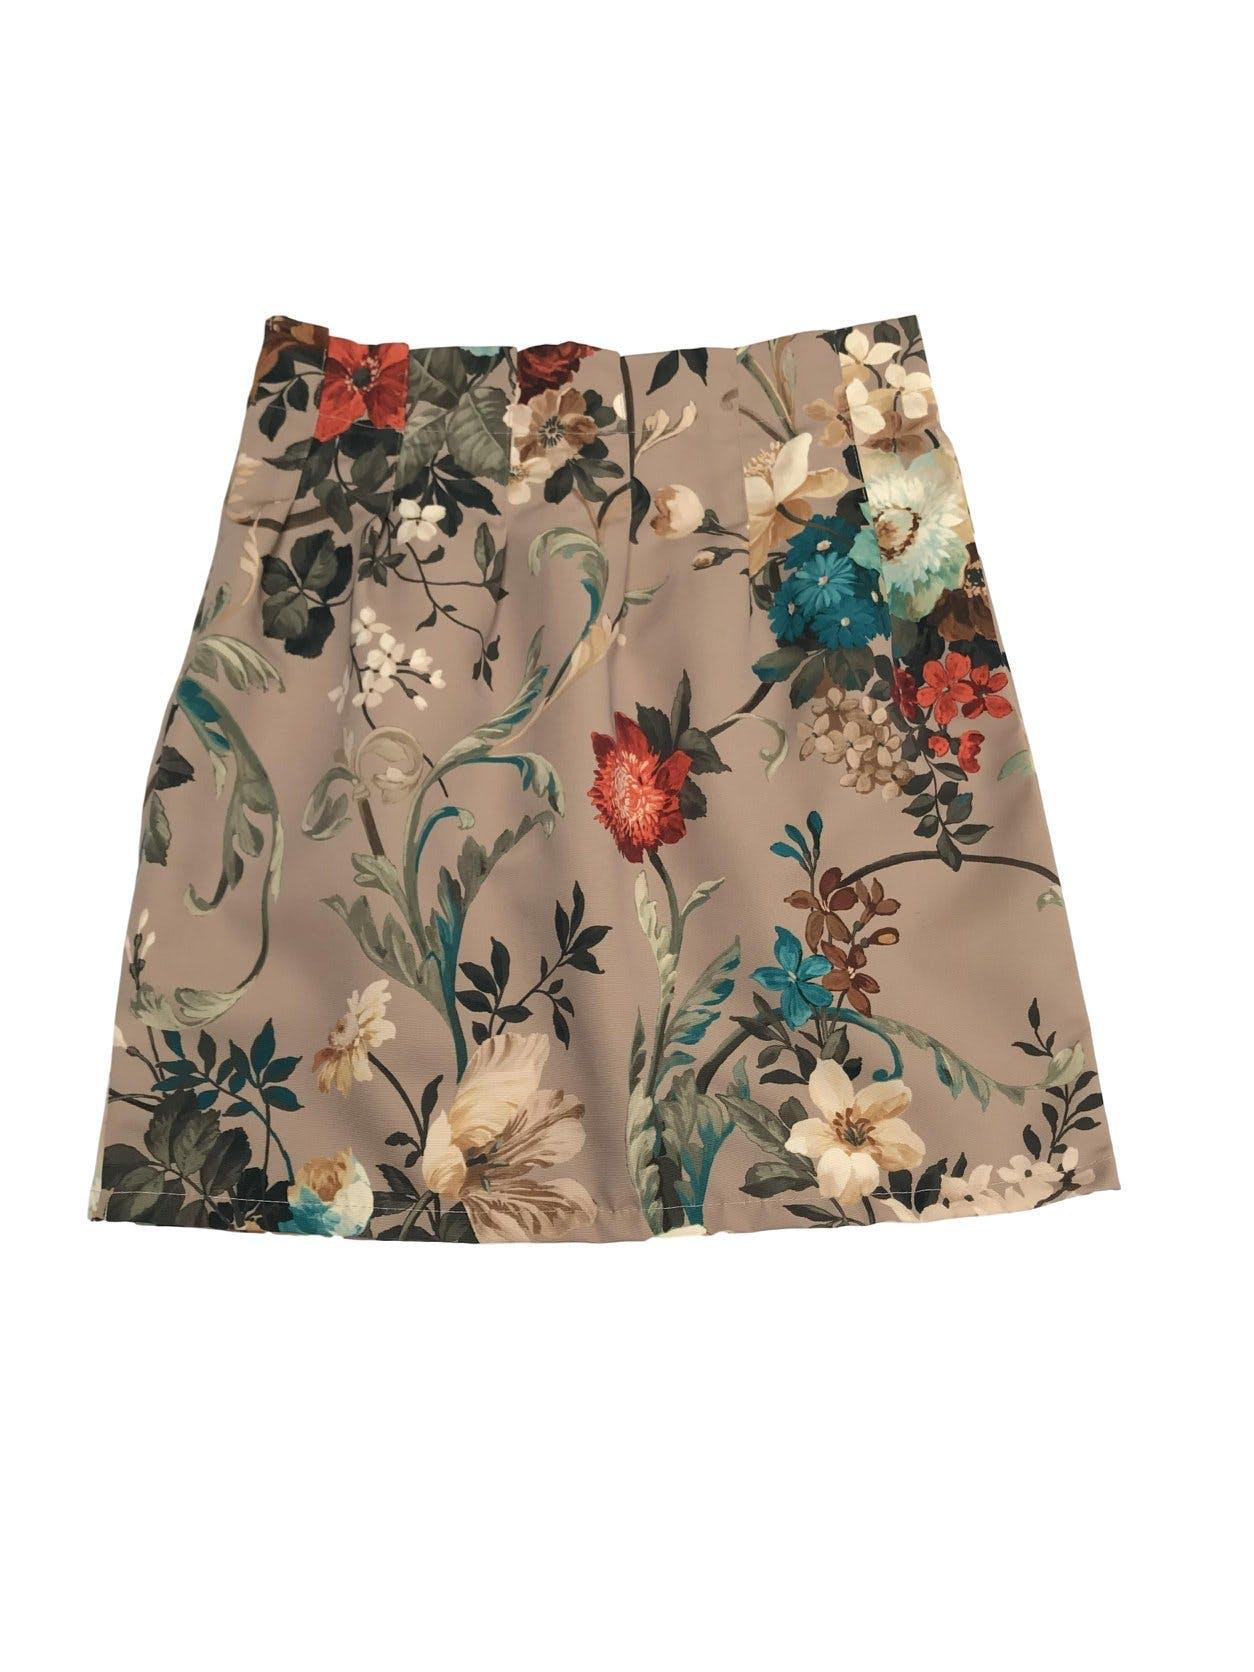 Falda beige con estampado de flores de colores, con pliegues y cierre lateral. Pretina 76cm Largo 48cm